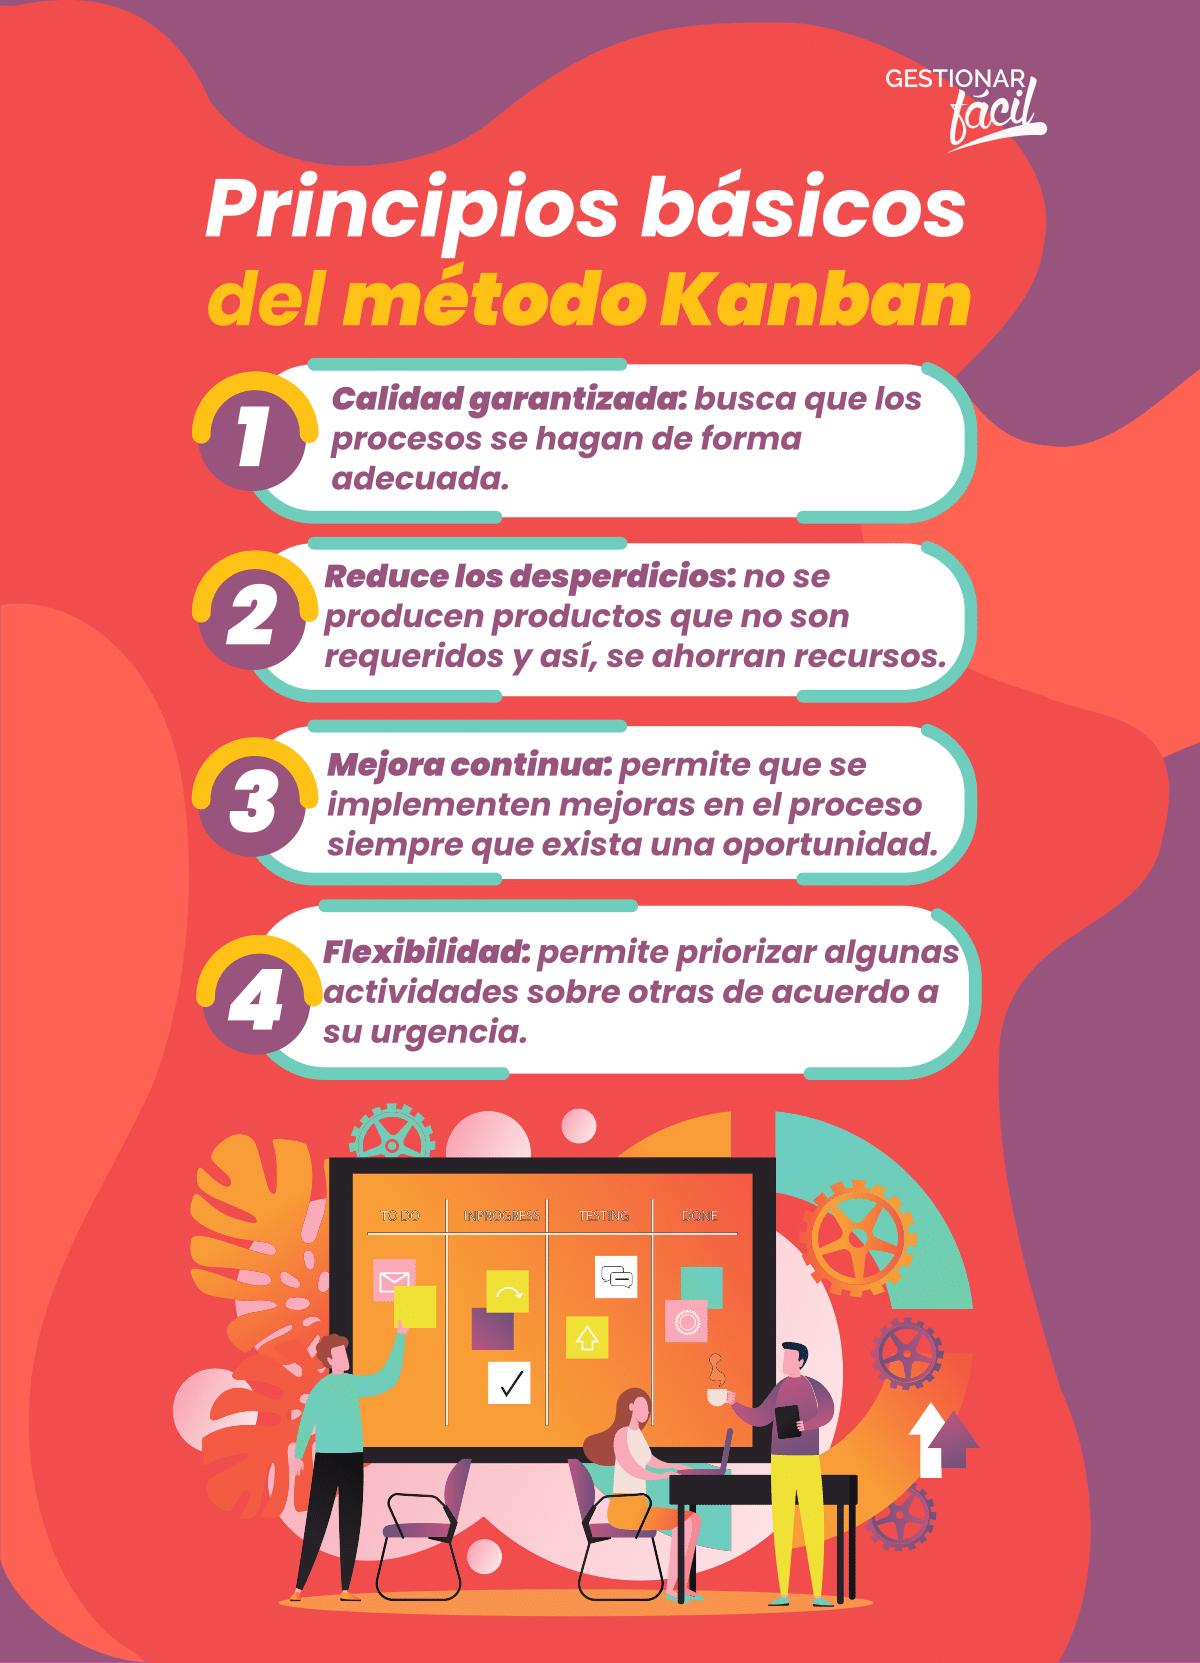 Principios básicos del método Kanban